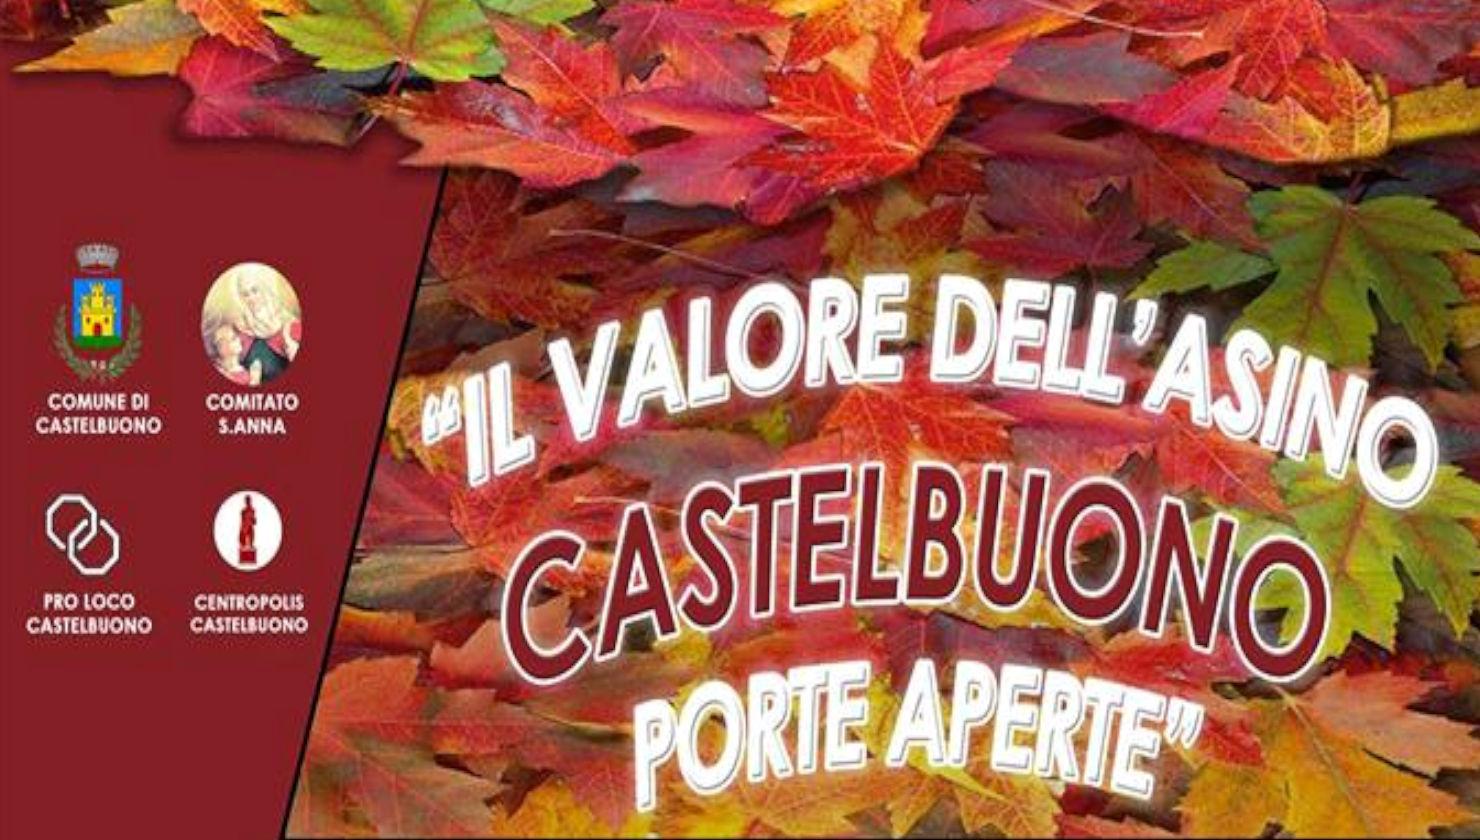 Il valore dell'asino a Castelbuono (PA) 16-18 novembre 2018